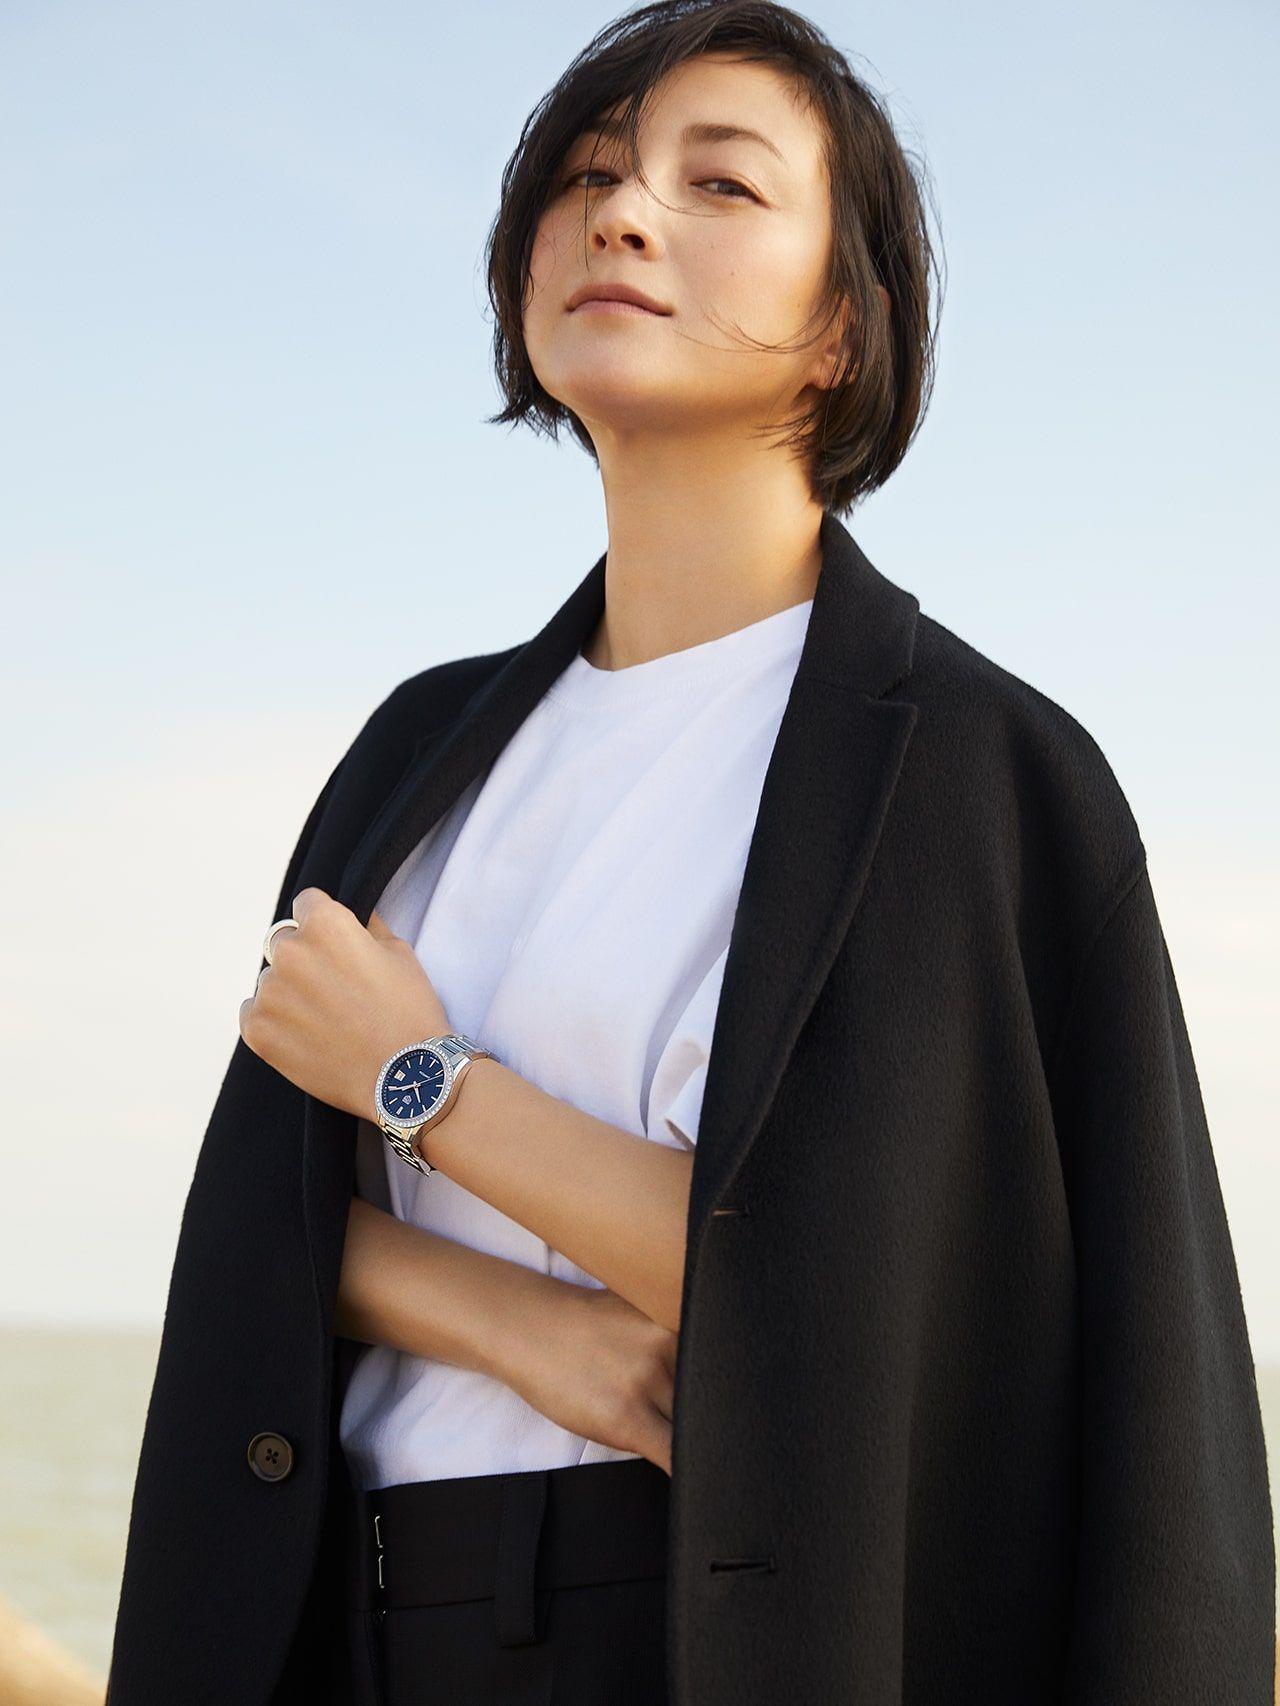 広末涼子が語る かけがえのない大切な時間 涼子 広末 涼子 画像 女性